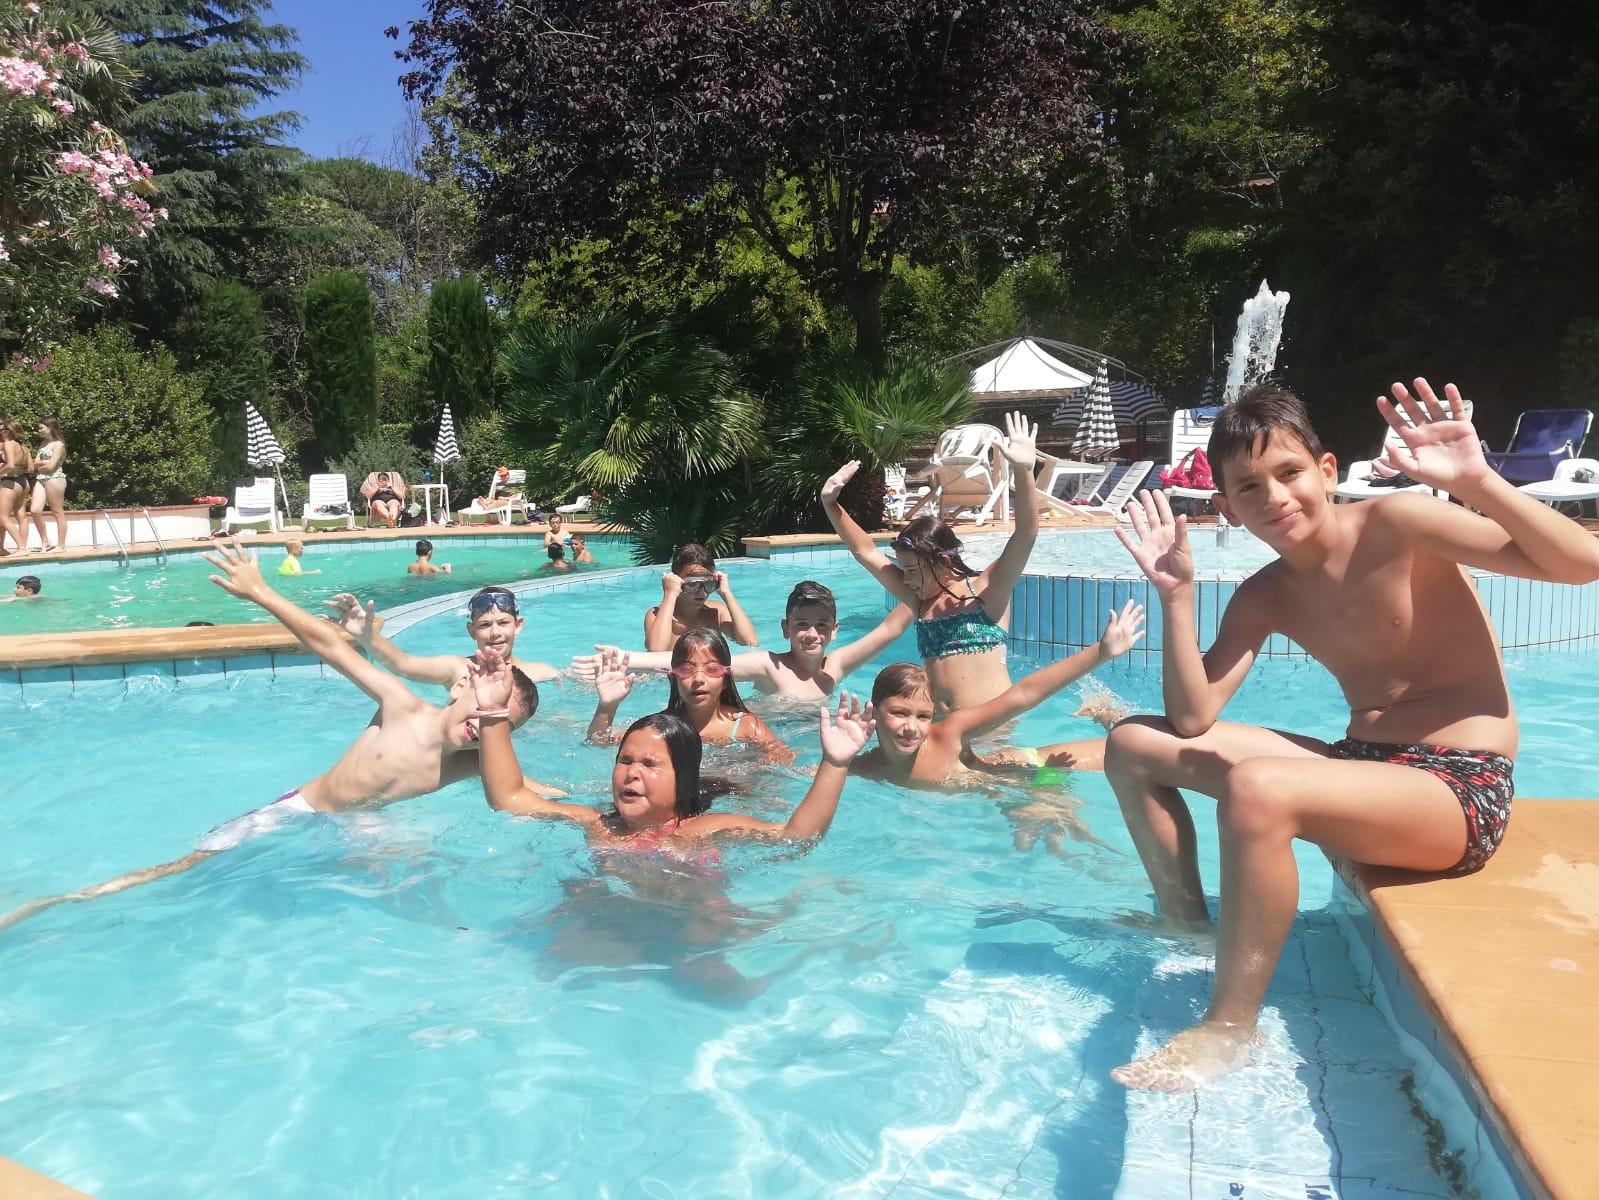 Hotel Balletti 4**** // Vita in fattoria Junior Archivi --BALLETTI-HAPPY-FARM–-SECONDO-TURNO-–-GIORNO-75